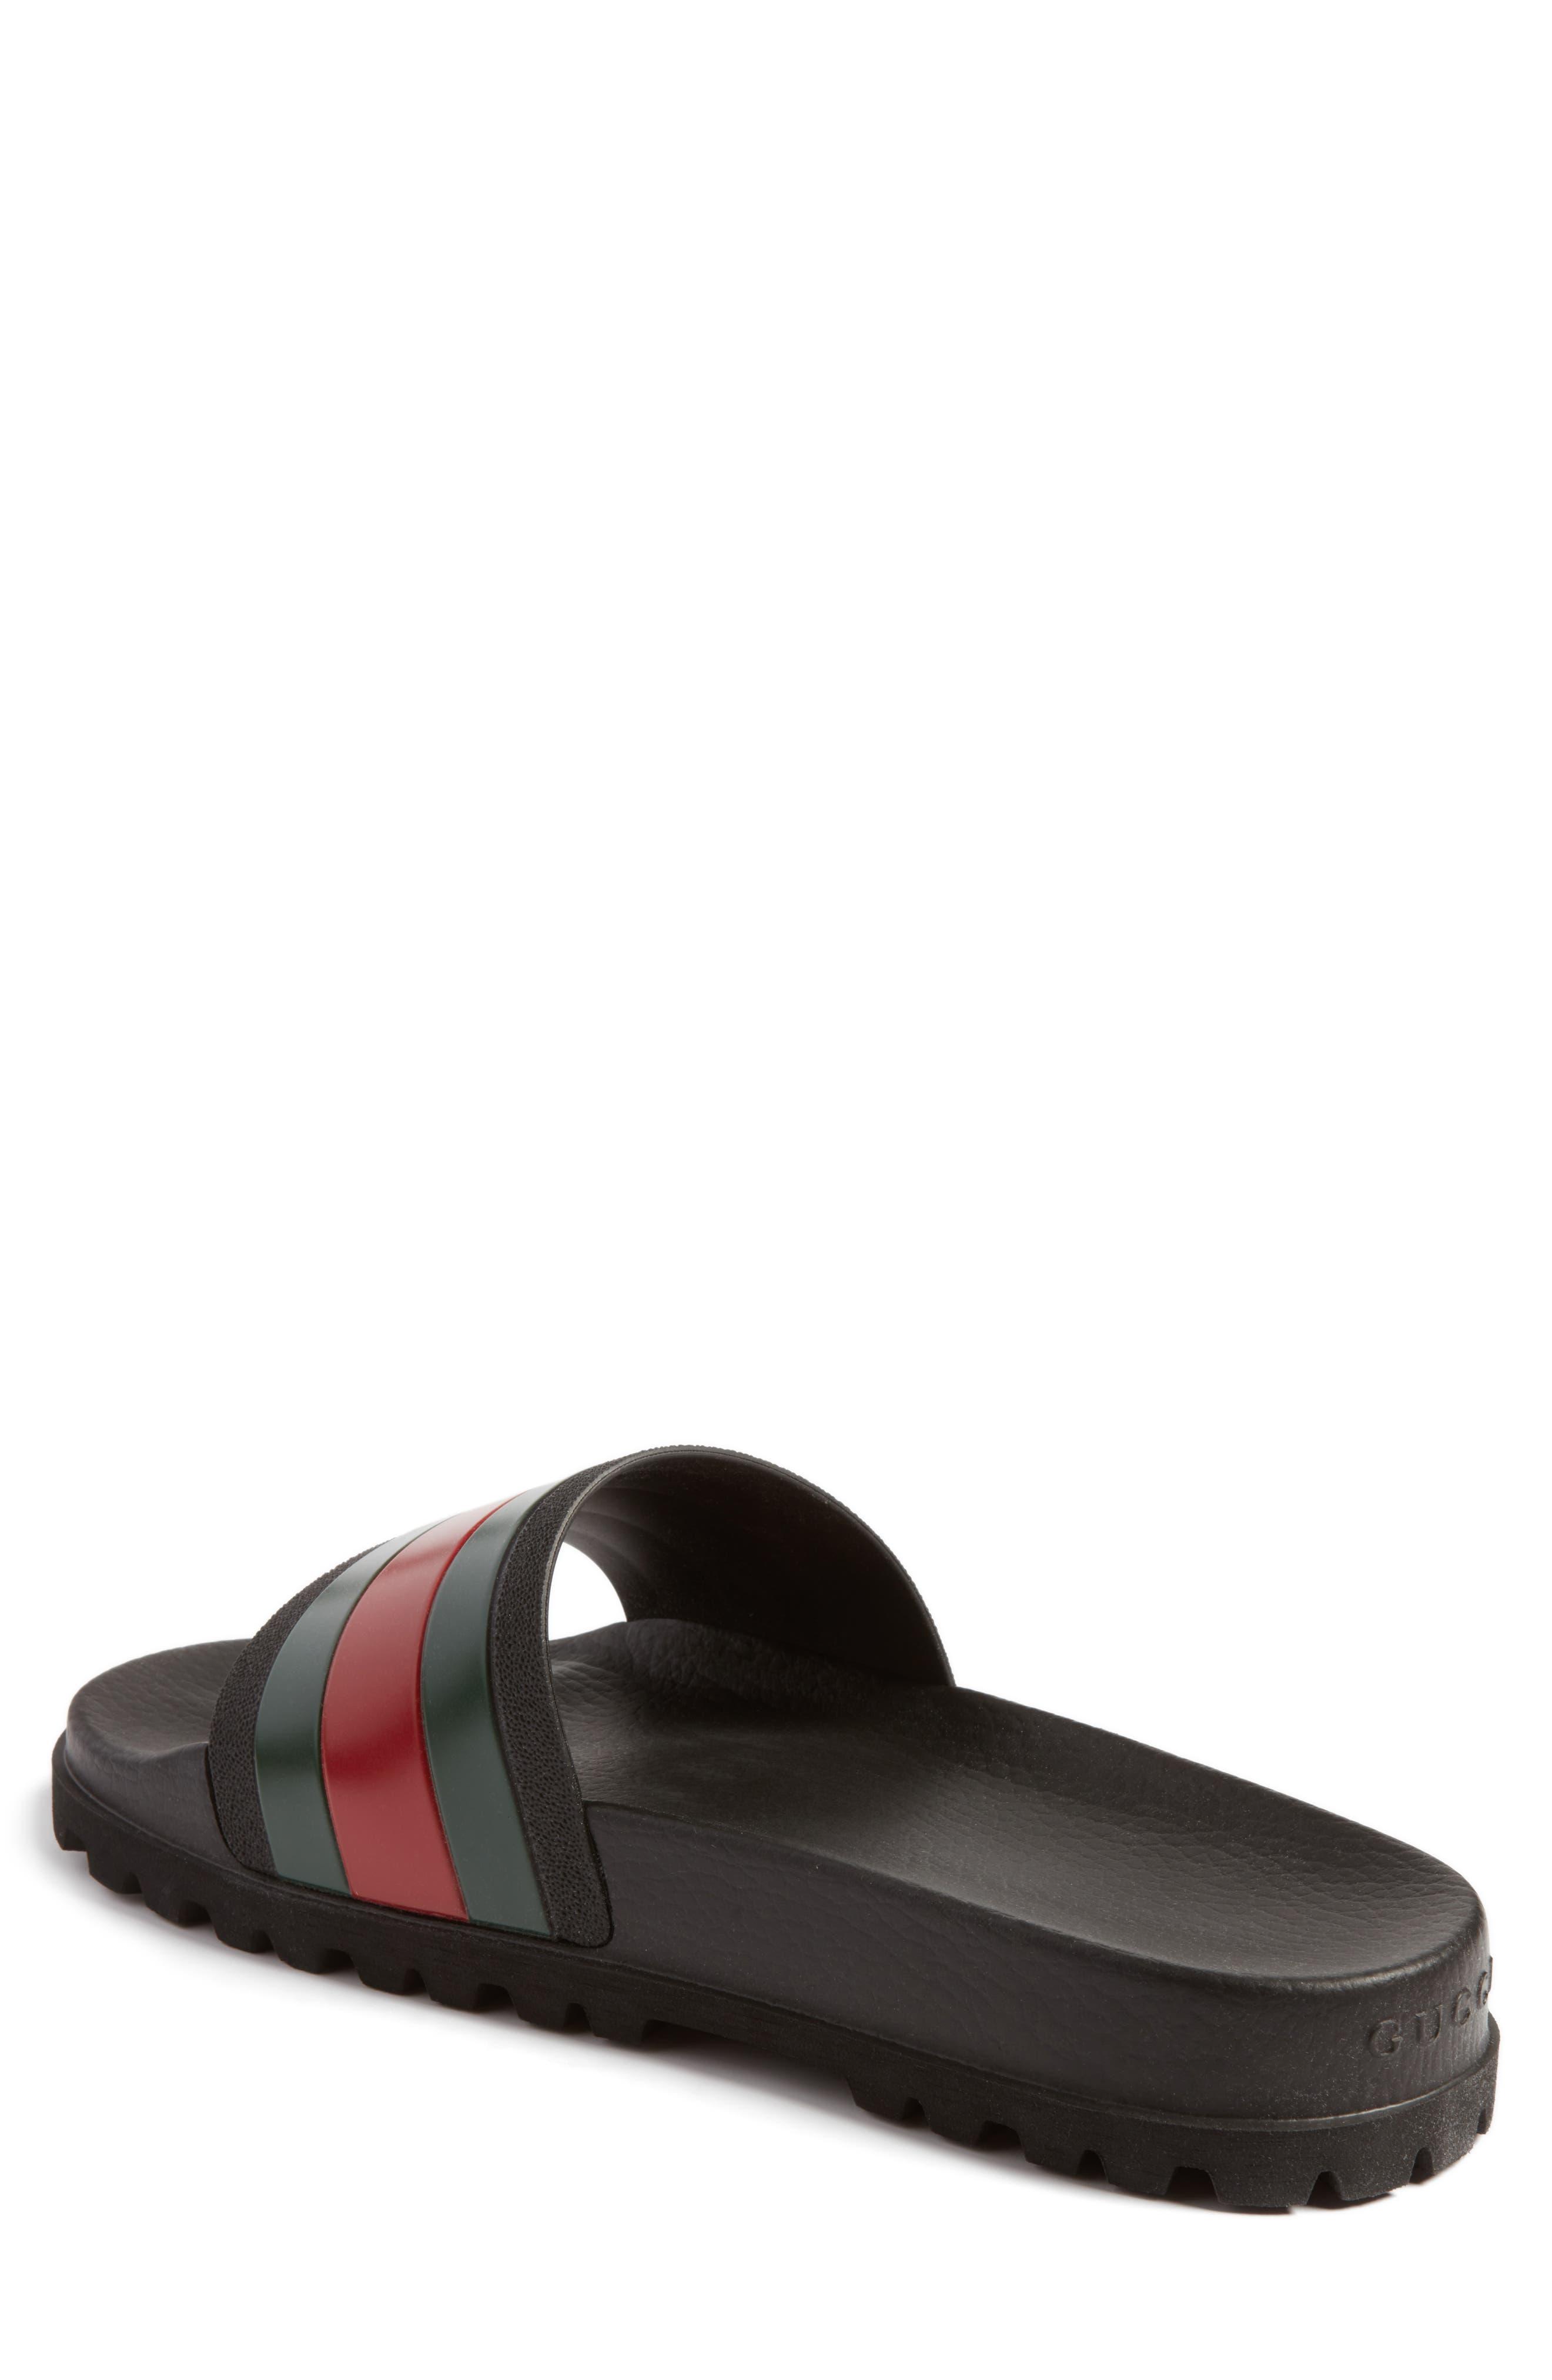 Alternate Image 2  - Gucci 'Pursuit Treck' Slide Sandal (Men)